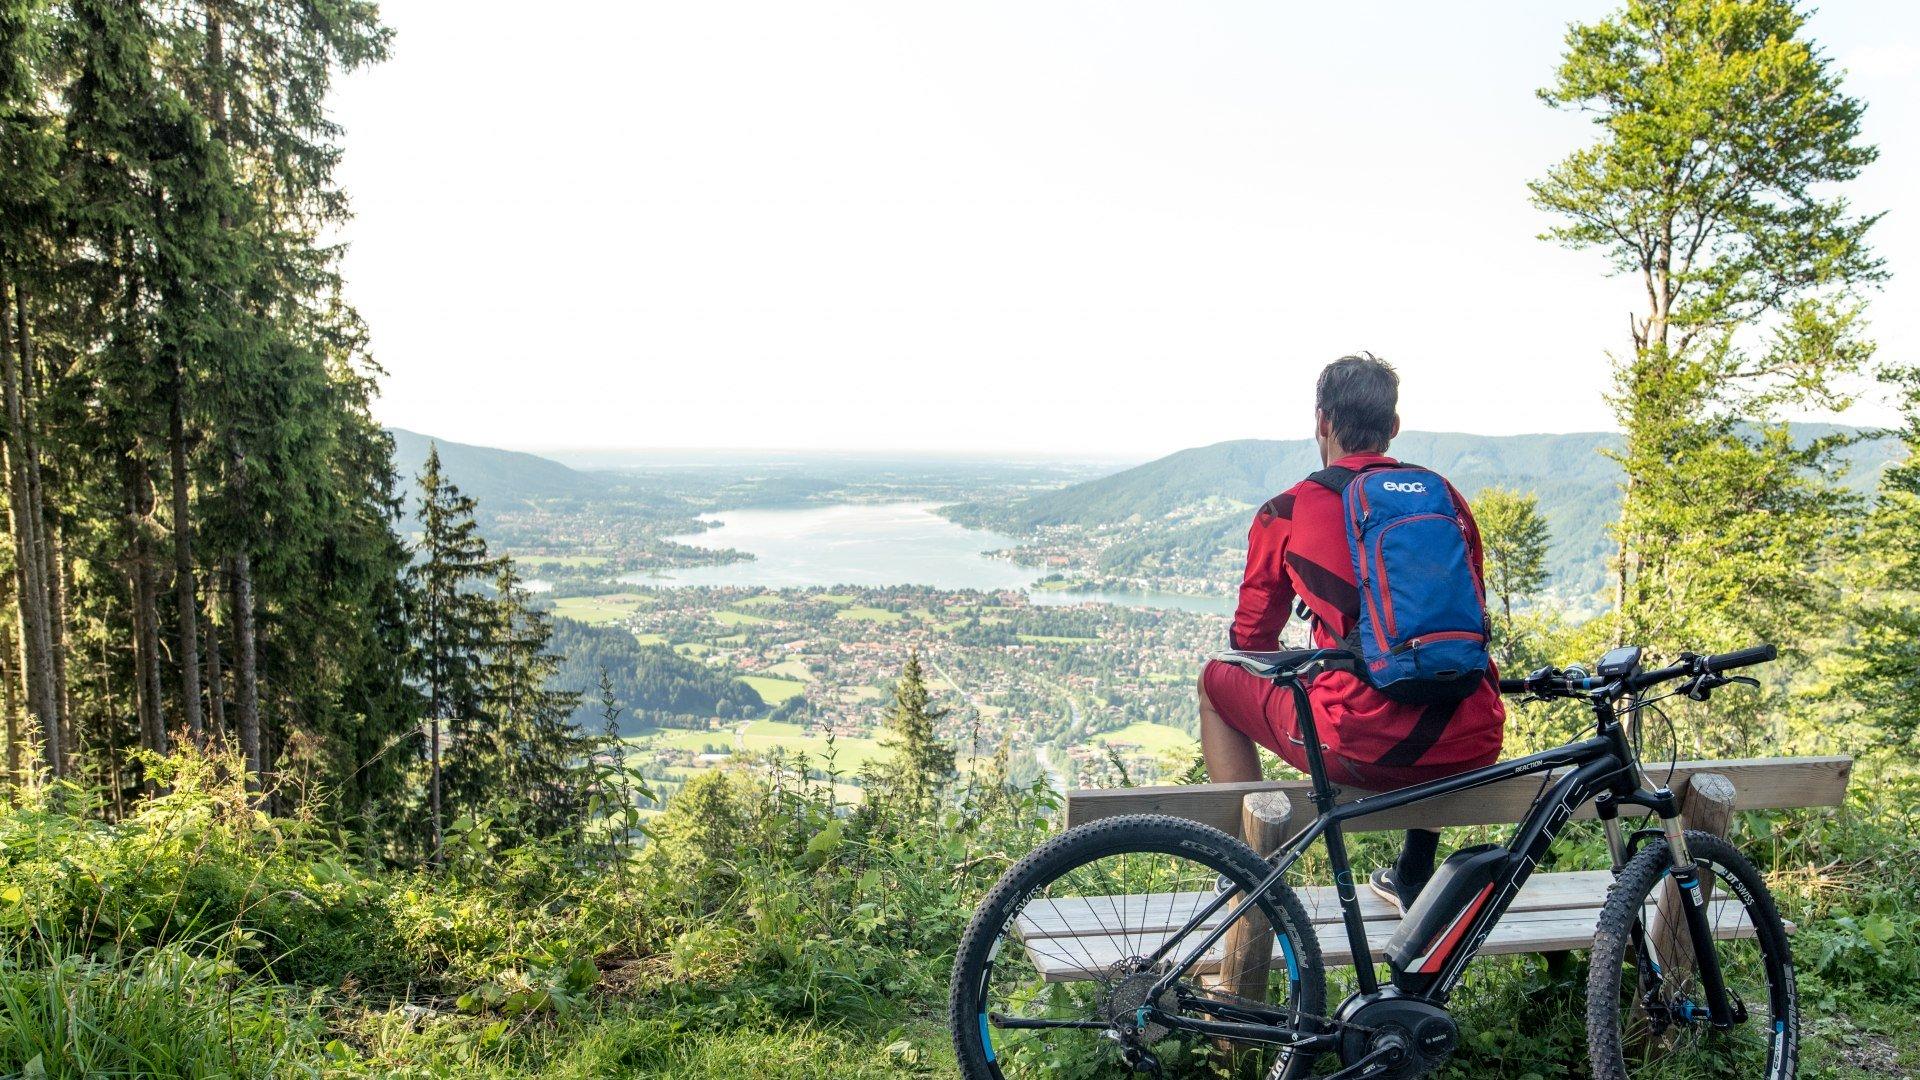 E-Mountainbike mit Blick auf den Tegernsee, © Julian Rohn